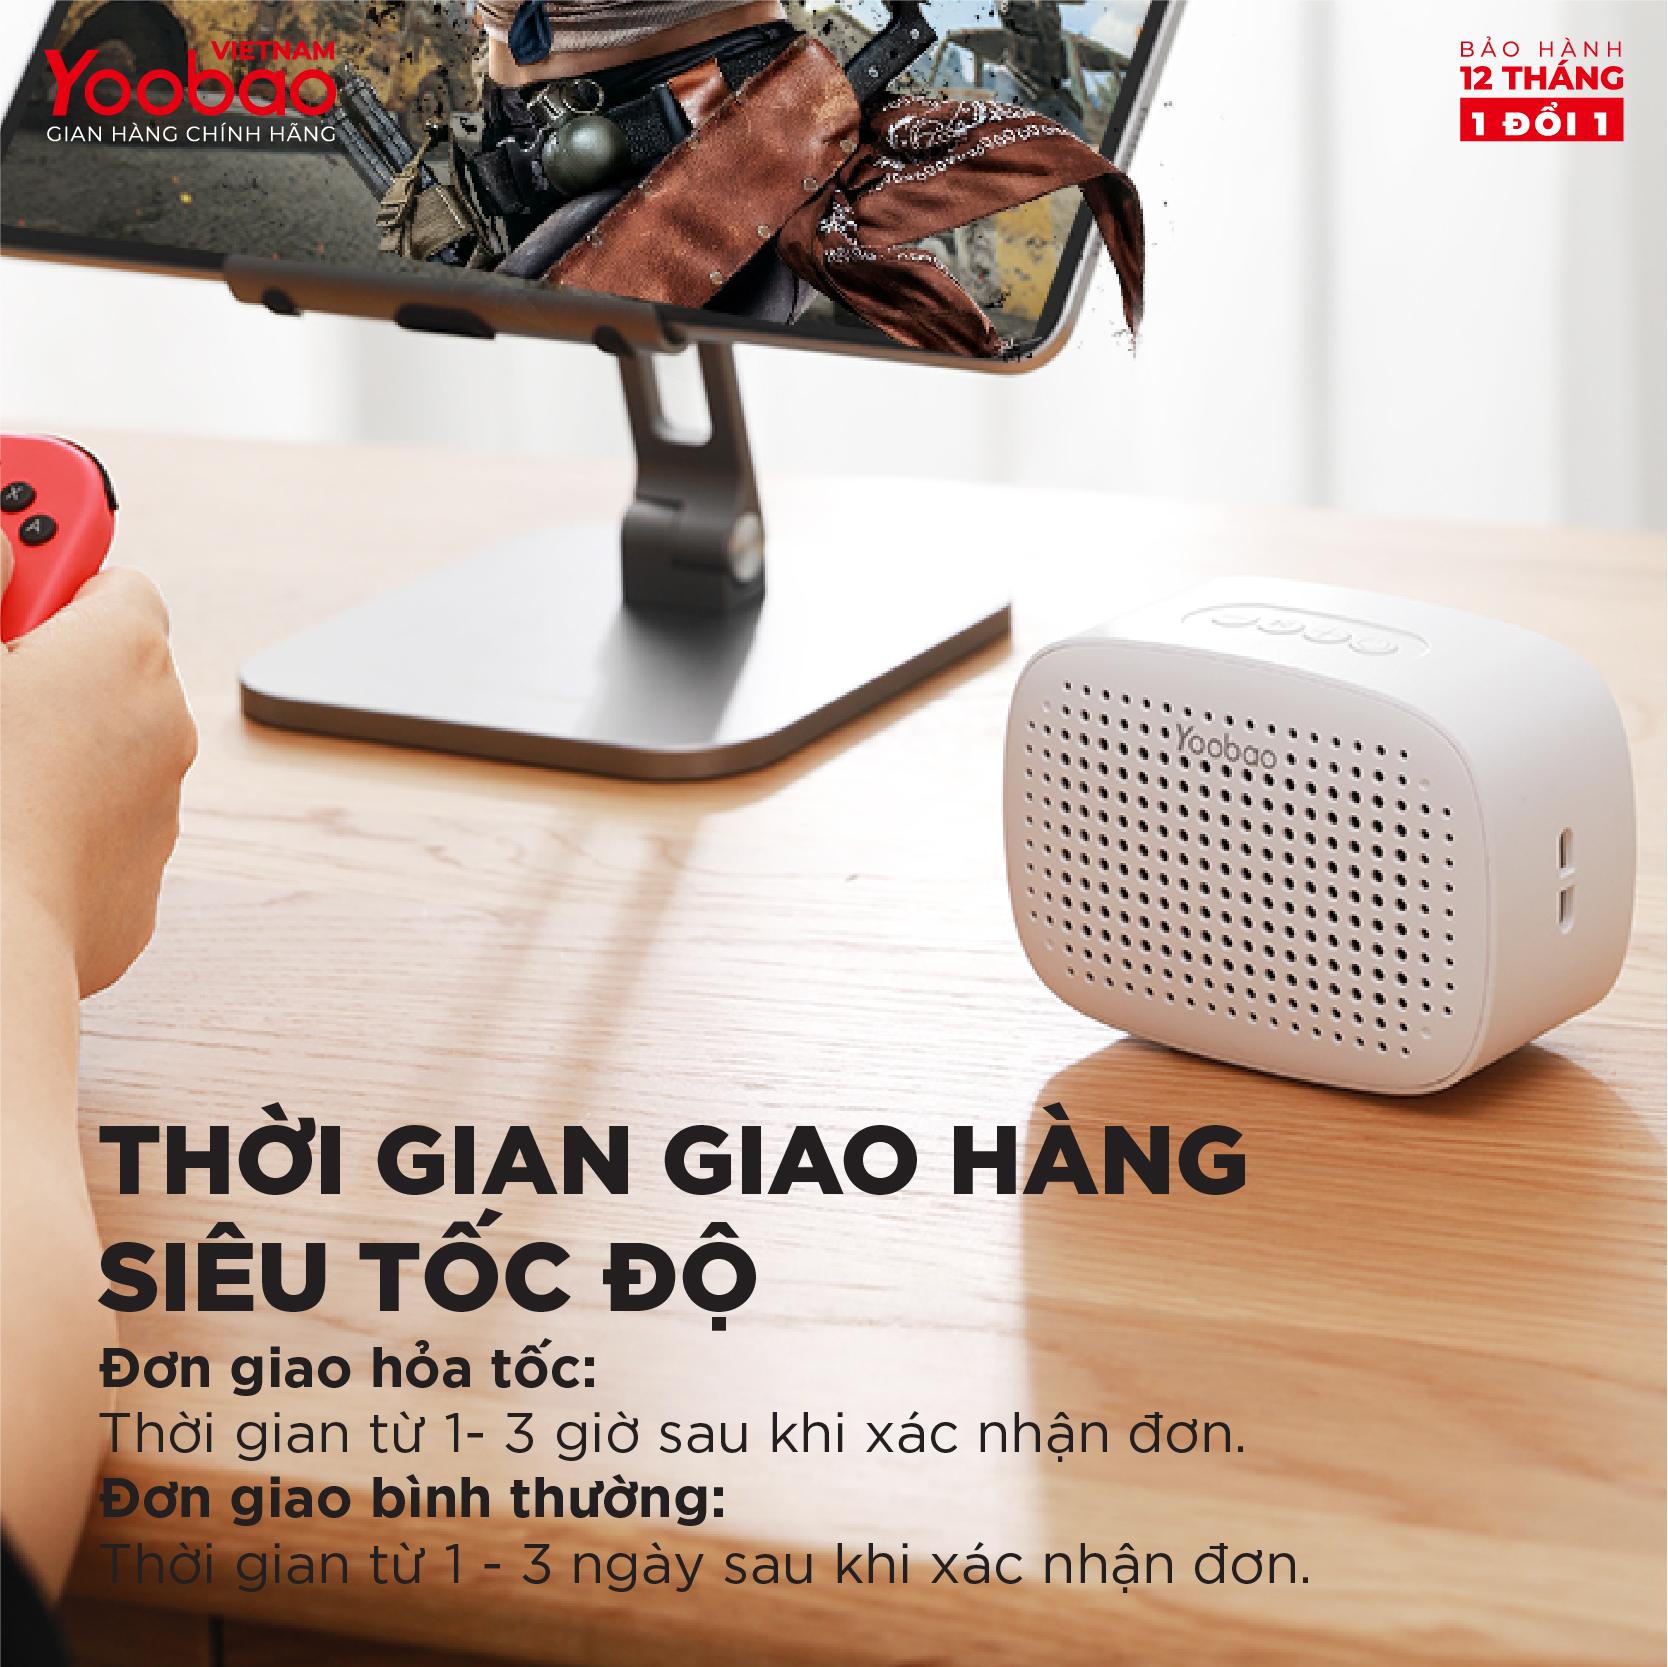 Loa Bluetooth 5.0 Yoobao M2 Hỗ trợ ghép đôi TWS Công suất 3W - Hàng chính hãng